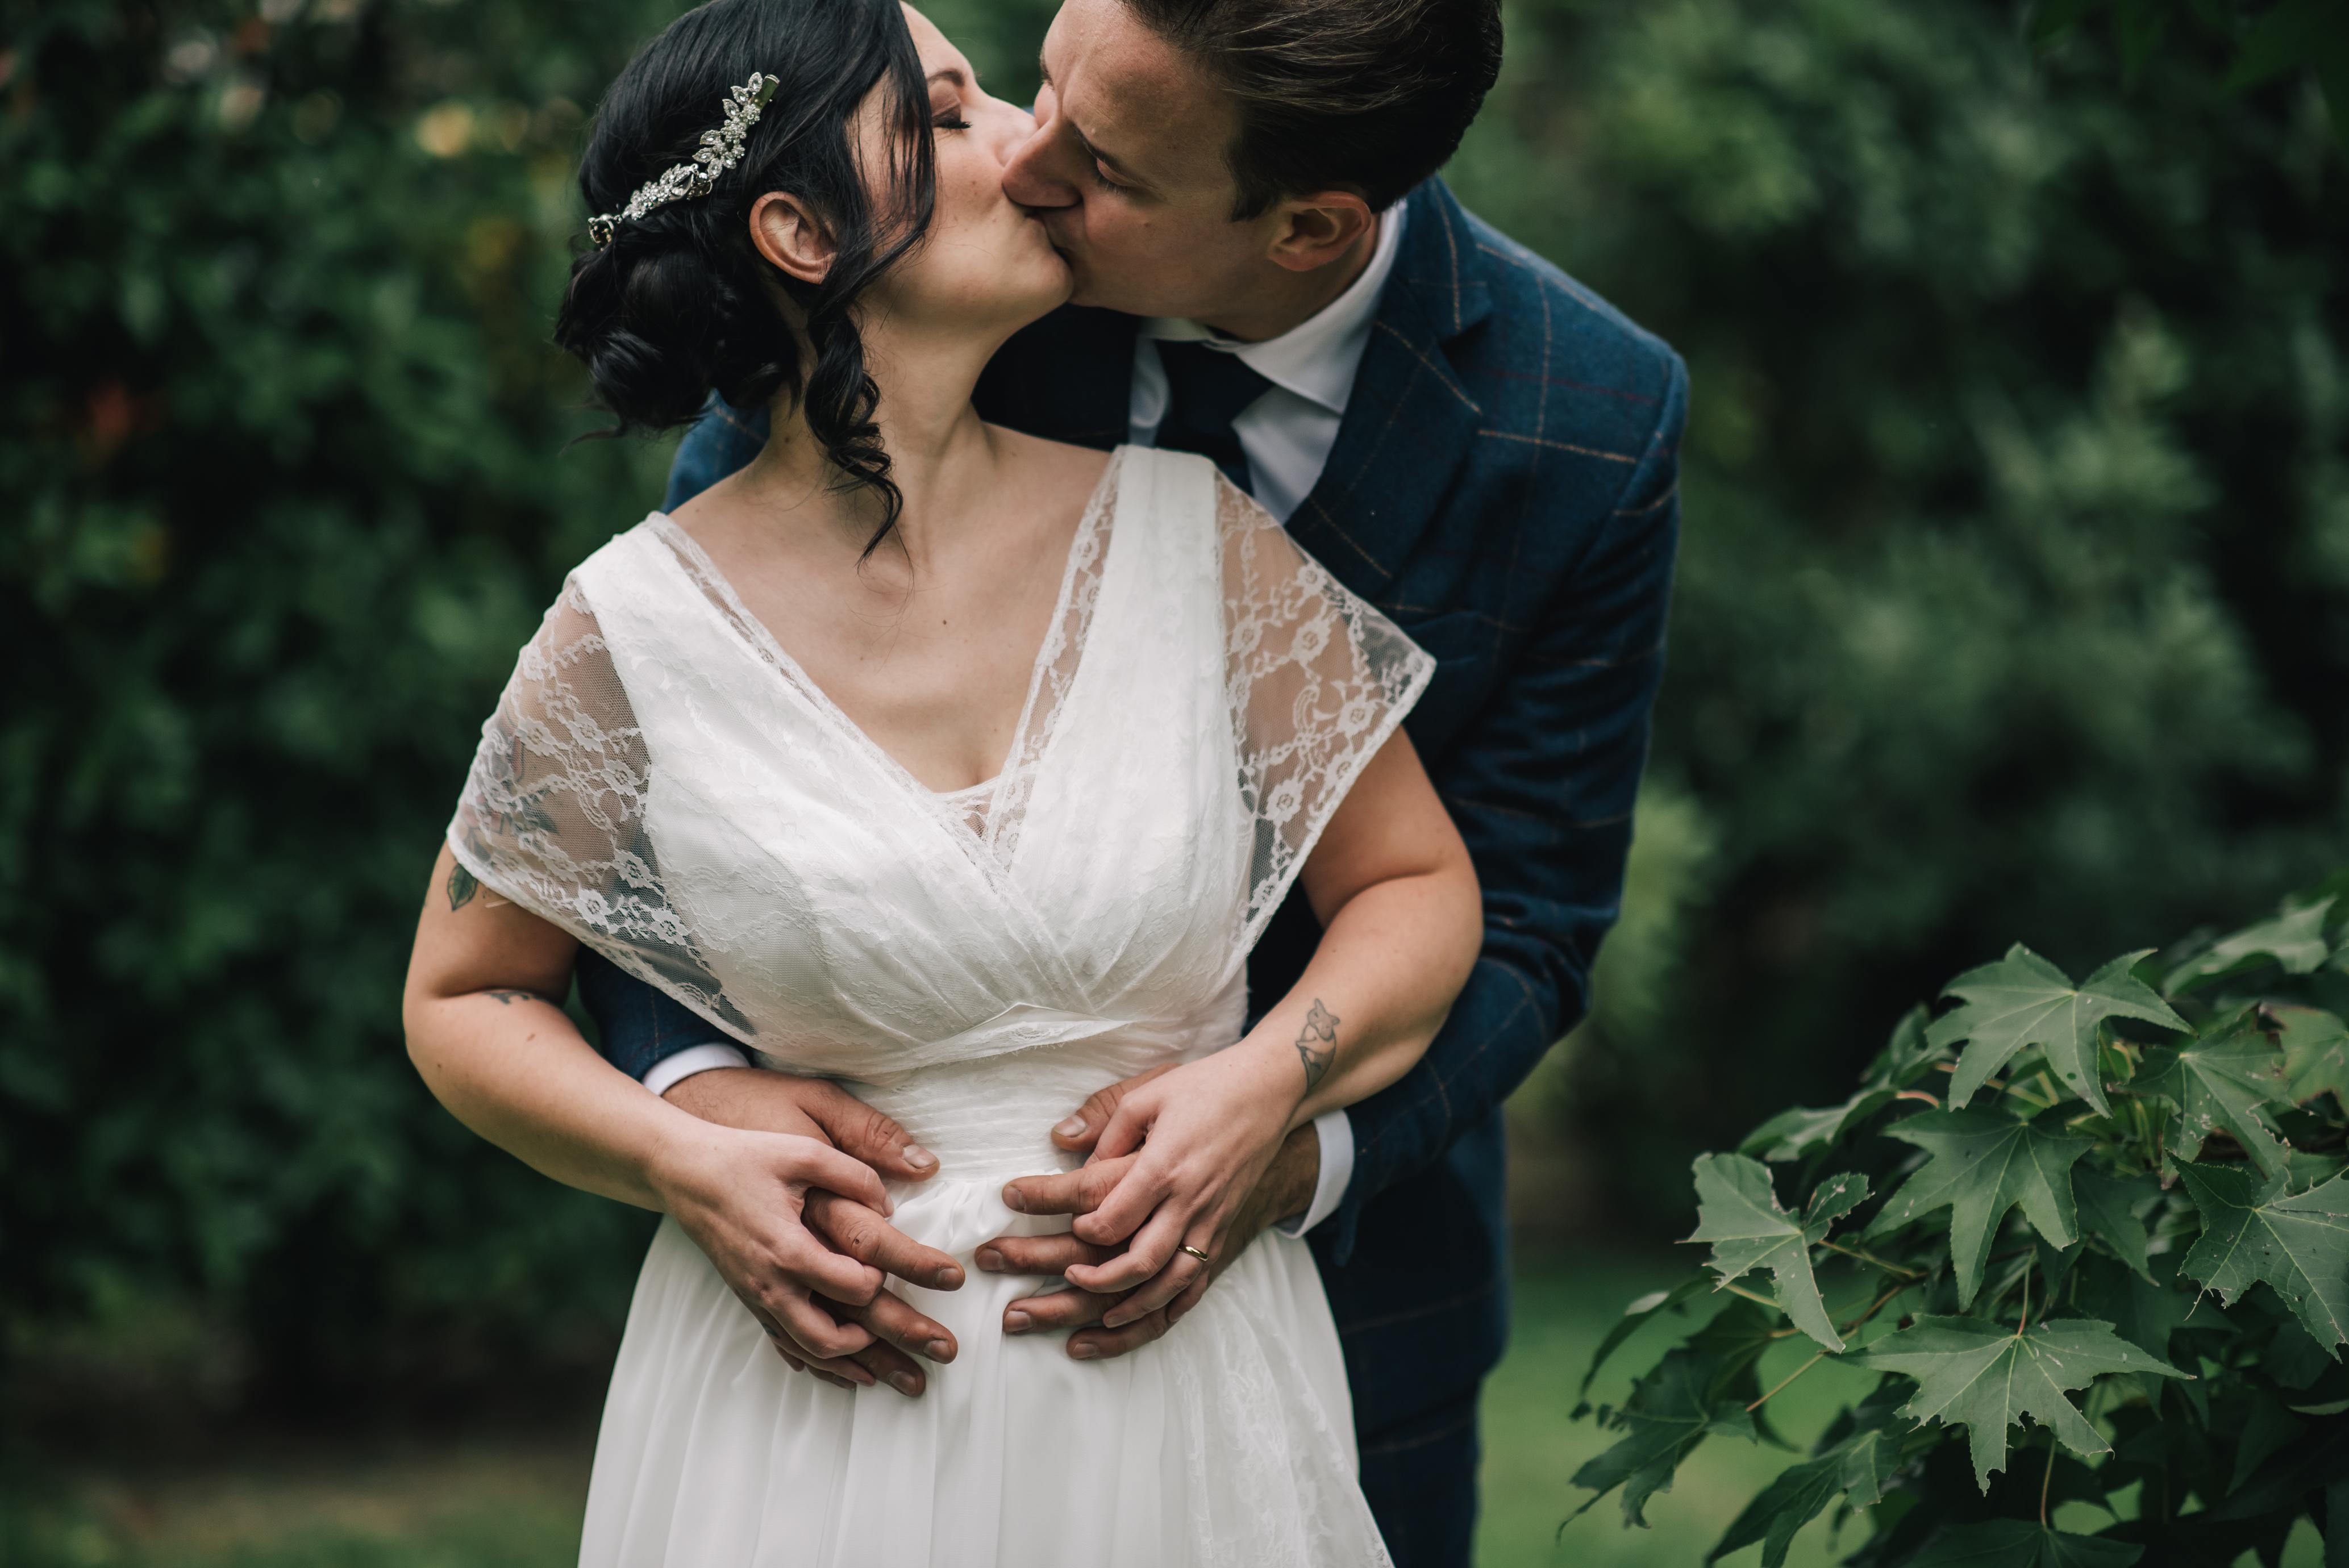 952b5fc2cd5c Come ho organizzato il mio matrimonio da sogno - Lara La Biche